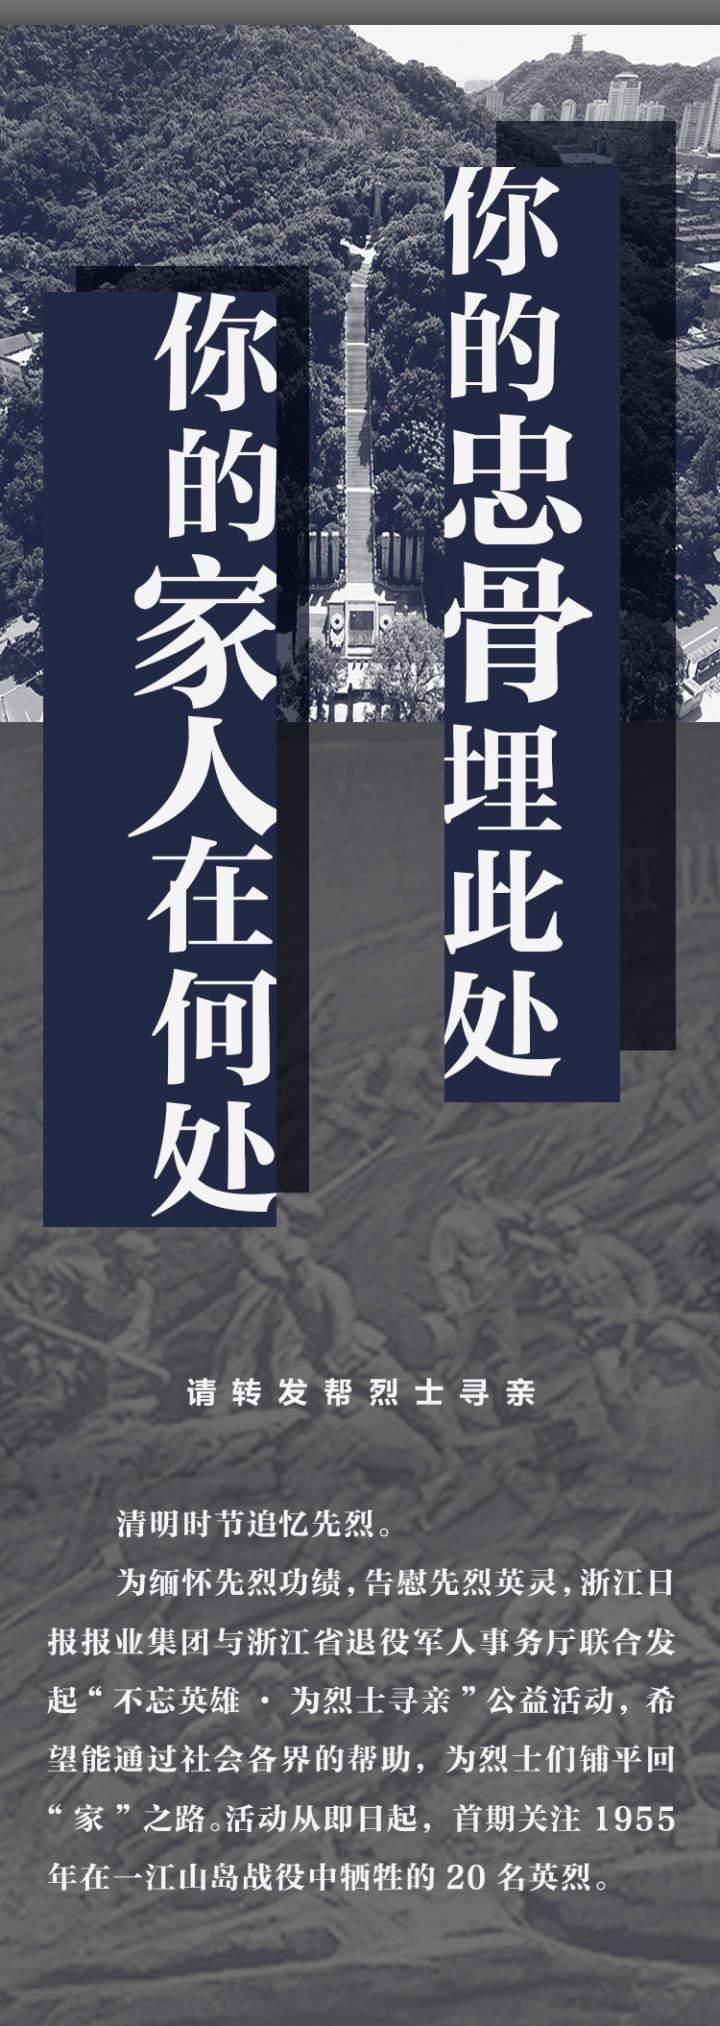 青山马革_01.jpg